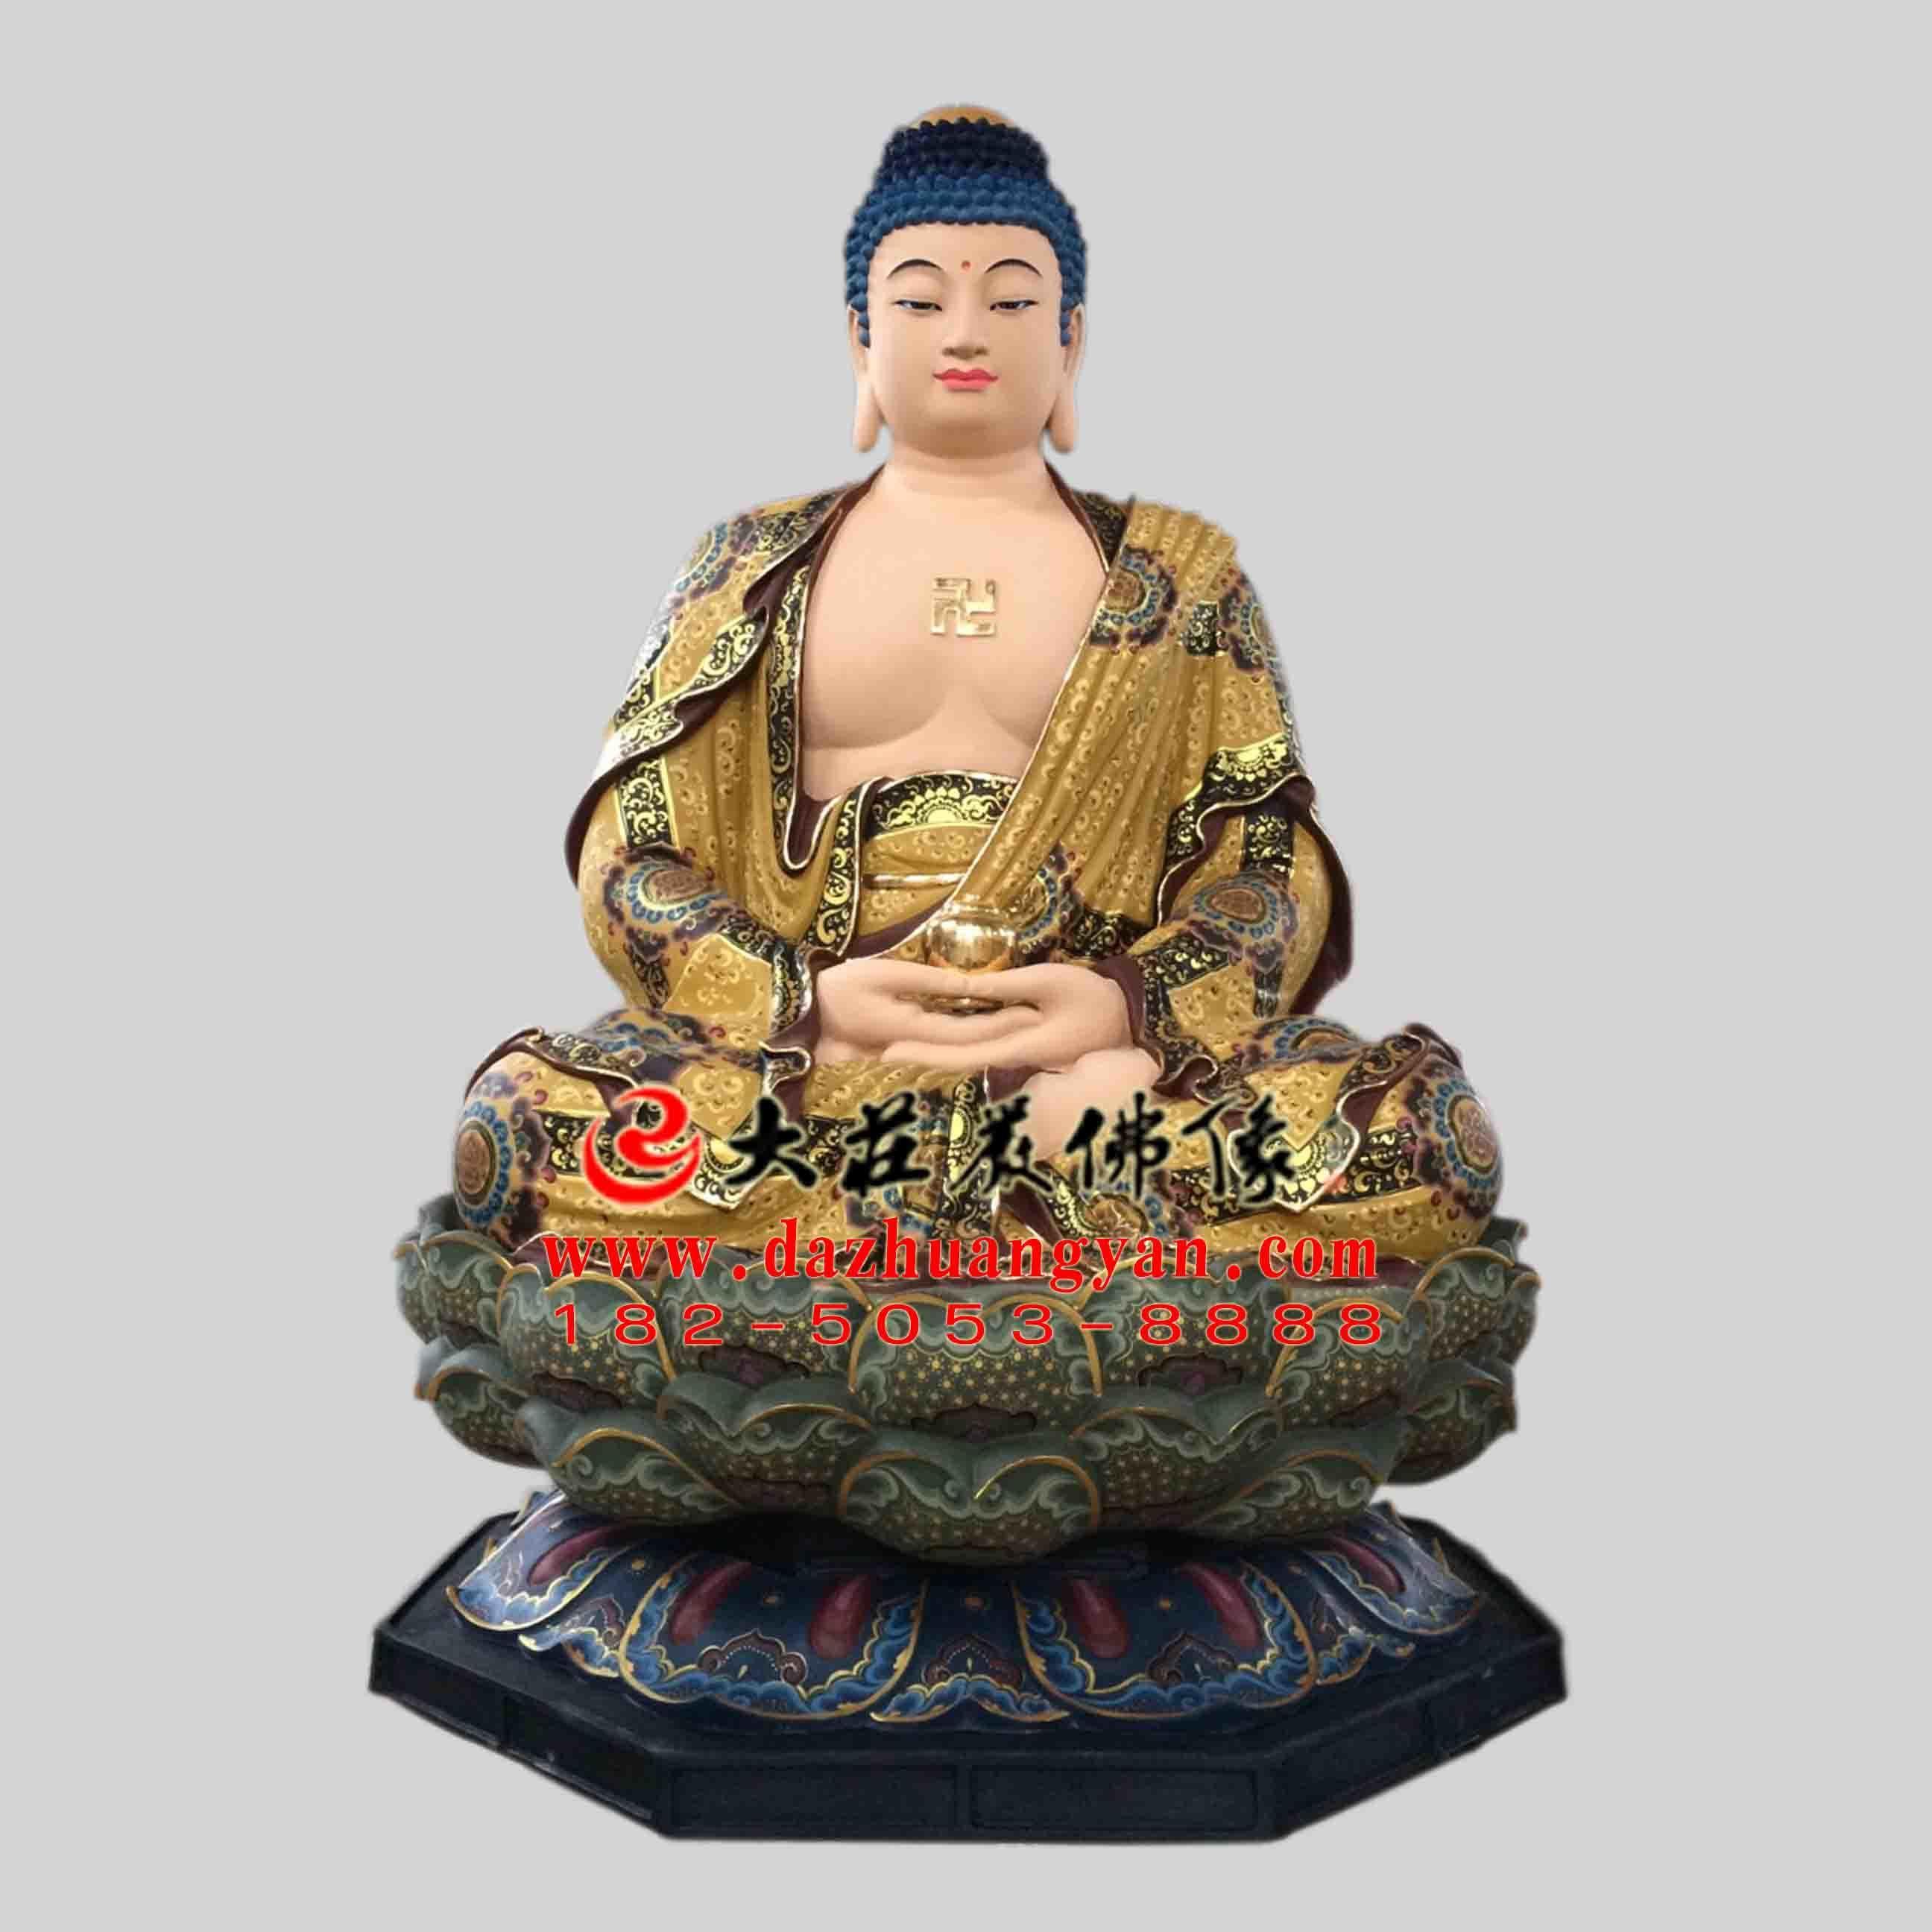 彩绘描金生漆脱胎娑婆三圣之释迦牟尼佛塑像